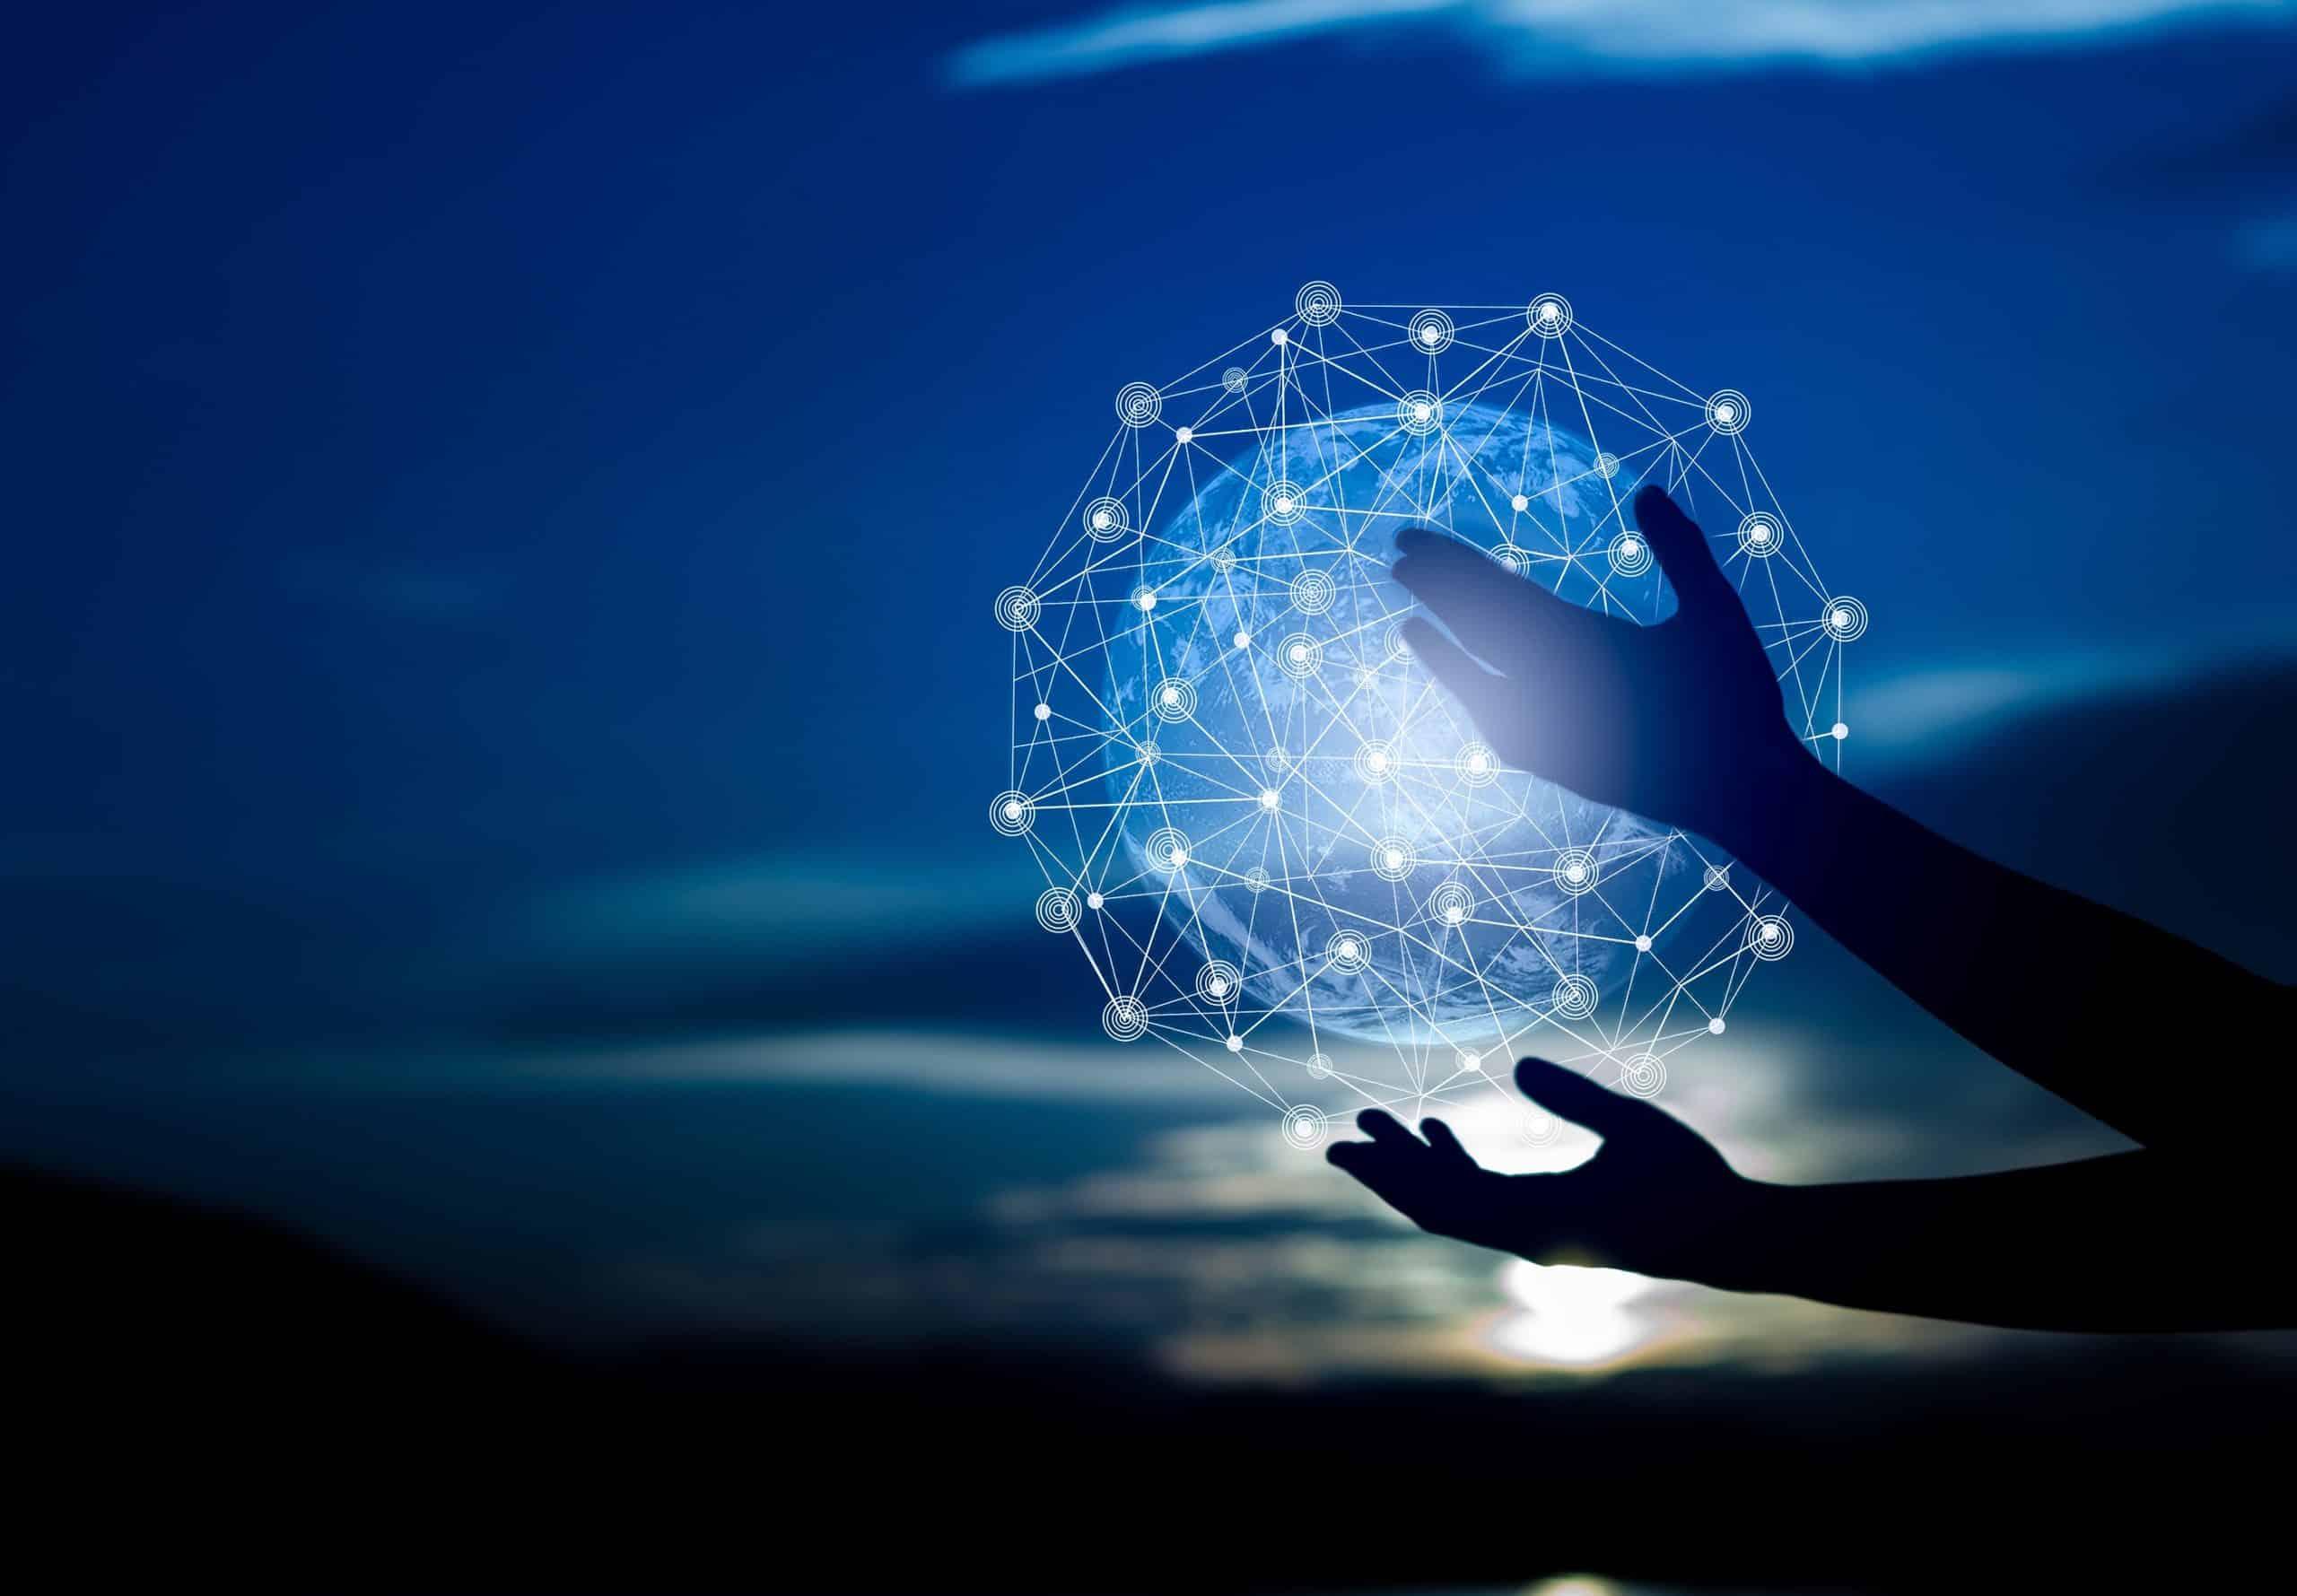 Oproepflash: VLAIO digitaal transformatieproject – Afgelopen